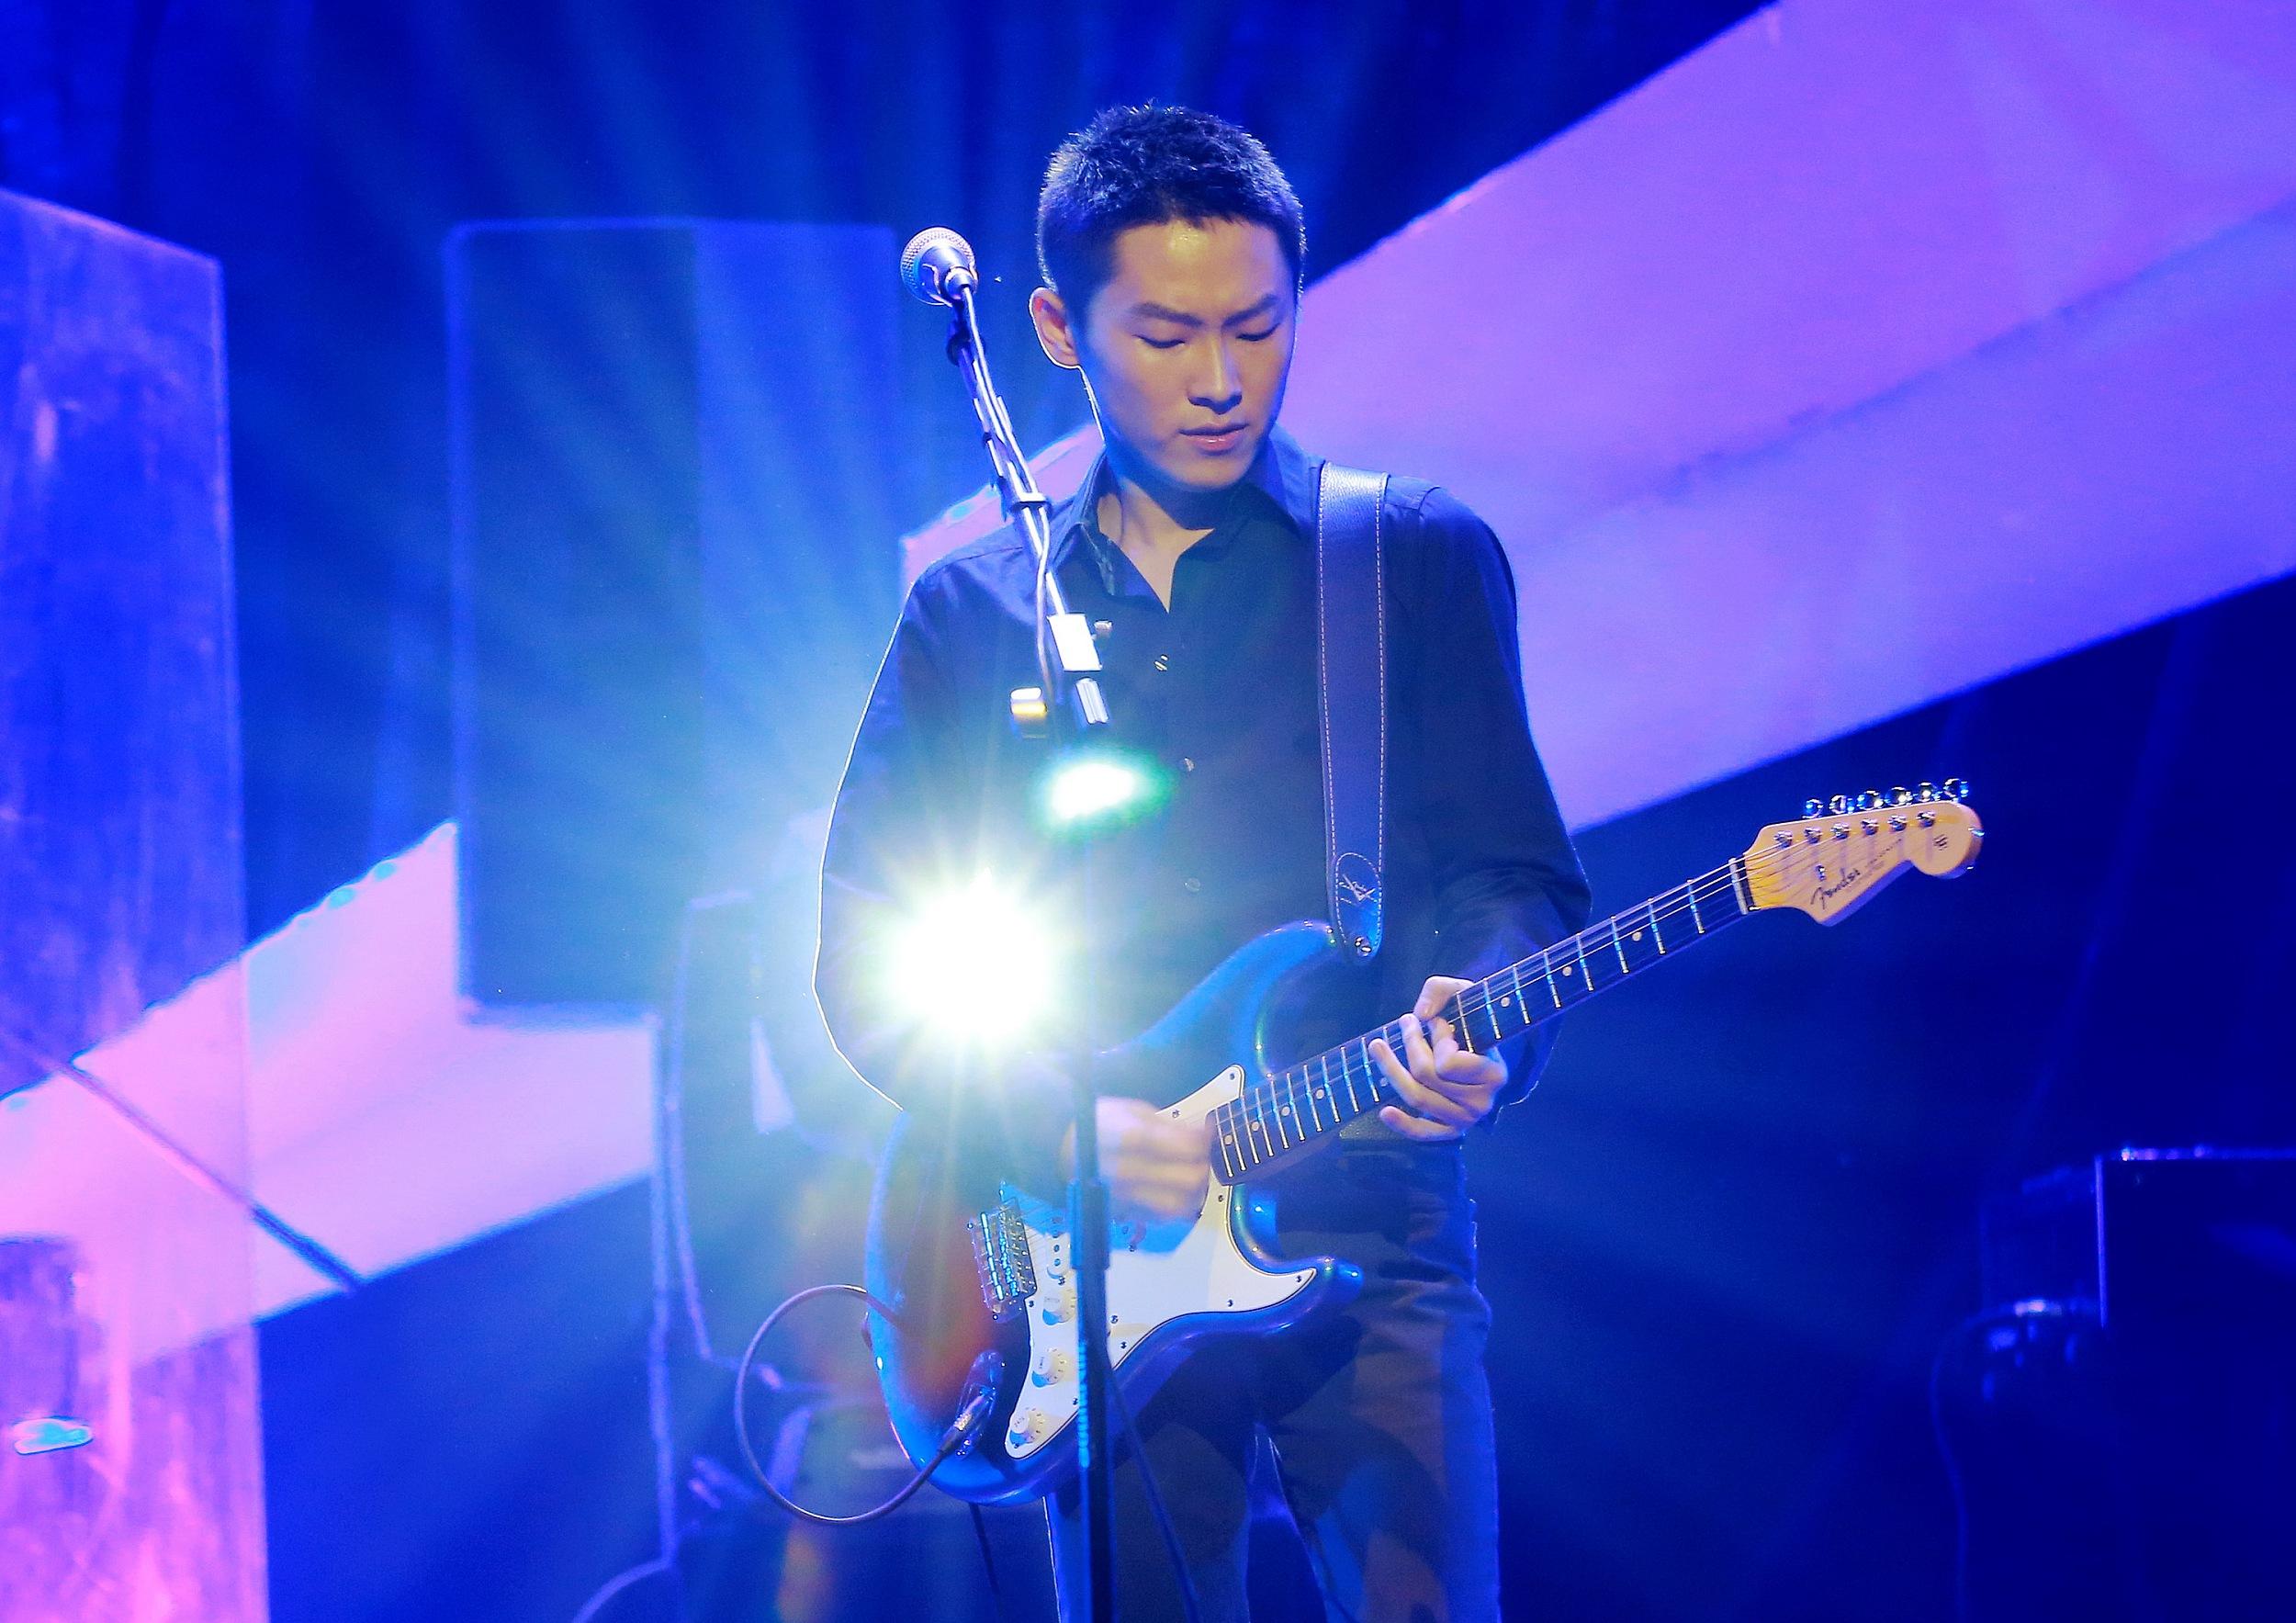 《歌手》淘汰过很多实力唱将,但他最让我惋惜